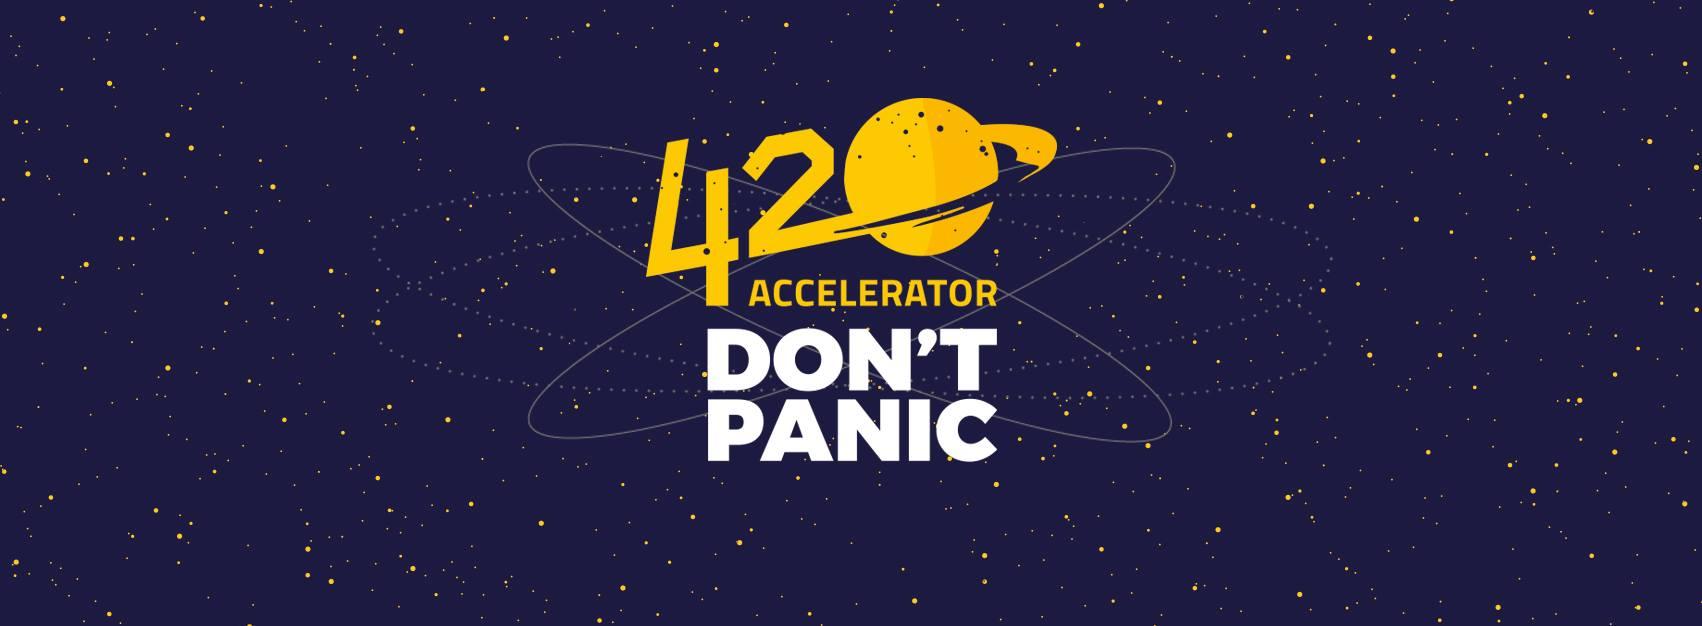 42 accelerator - Don't Panic